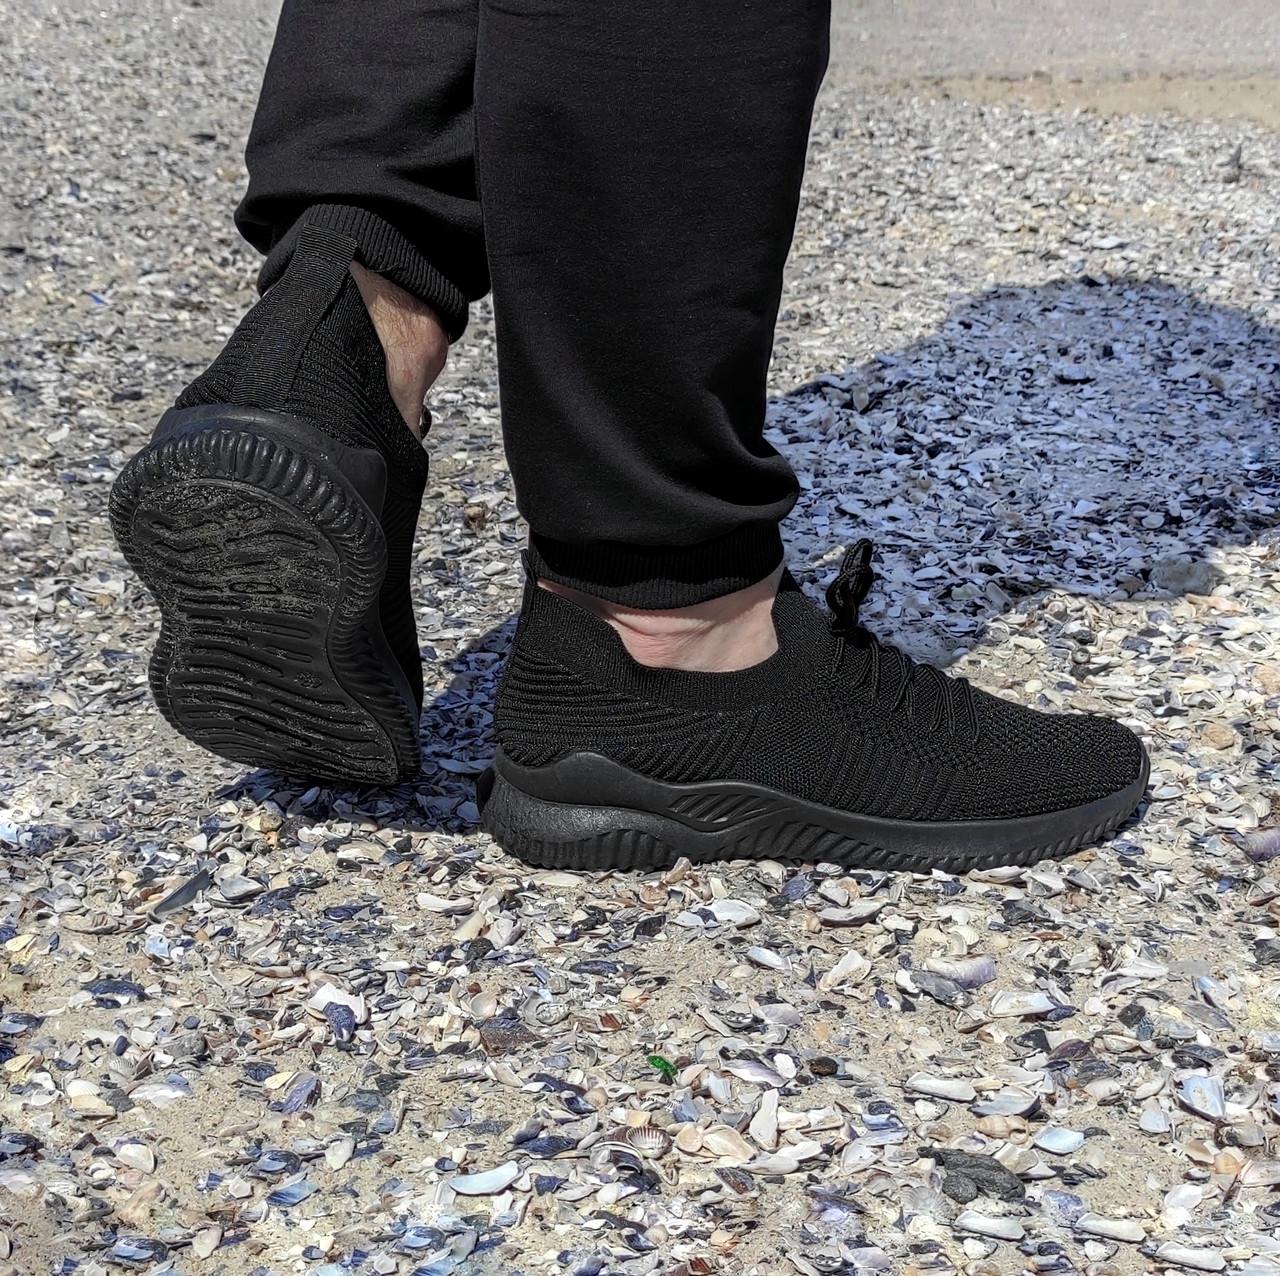 Чорні чоловічі тканинні кросівки шкарпетки літні текстиль легкі кросівки сітка кросівки шкарпетки